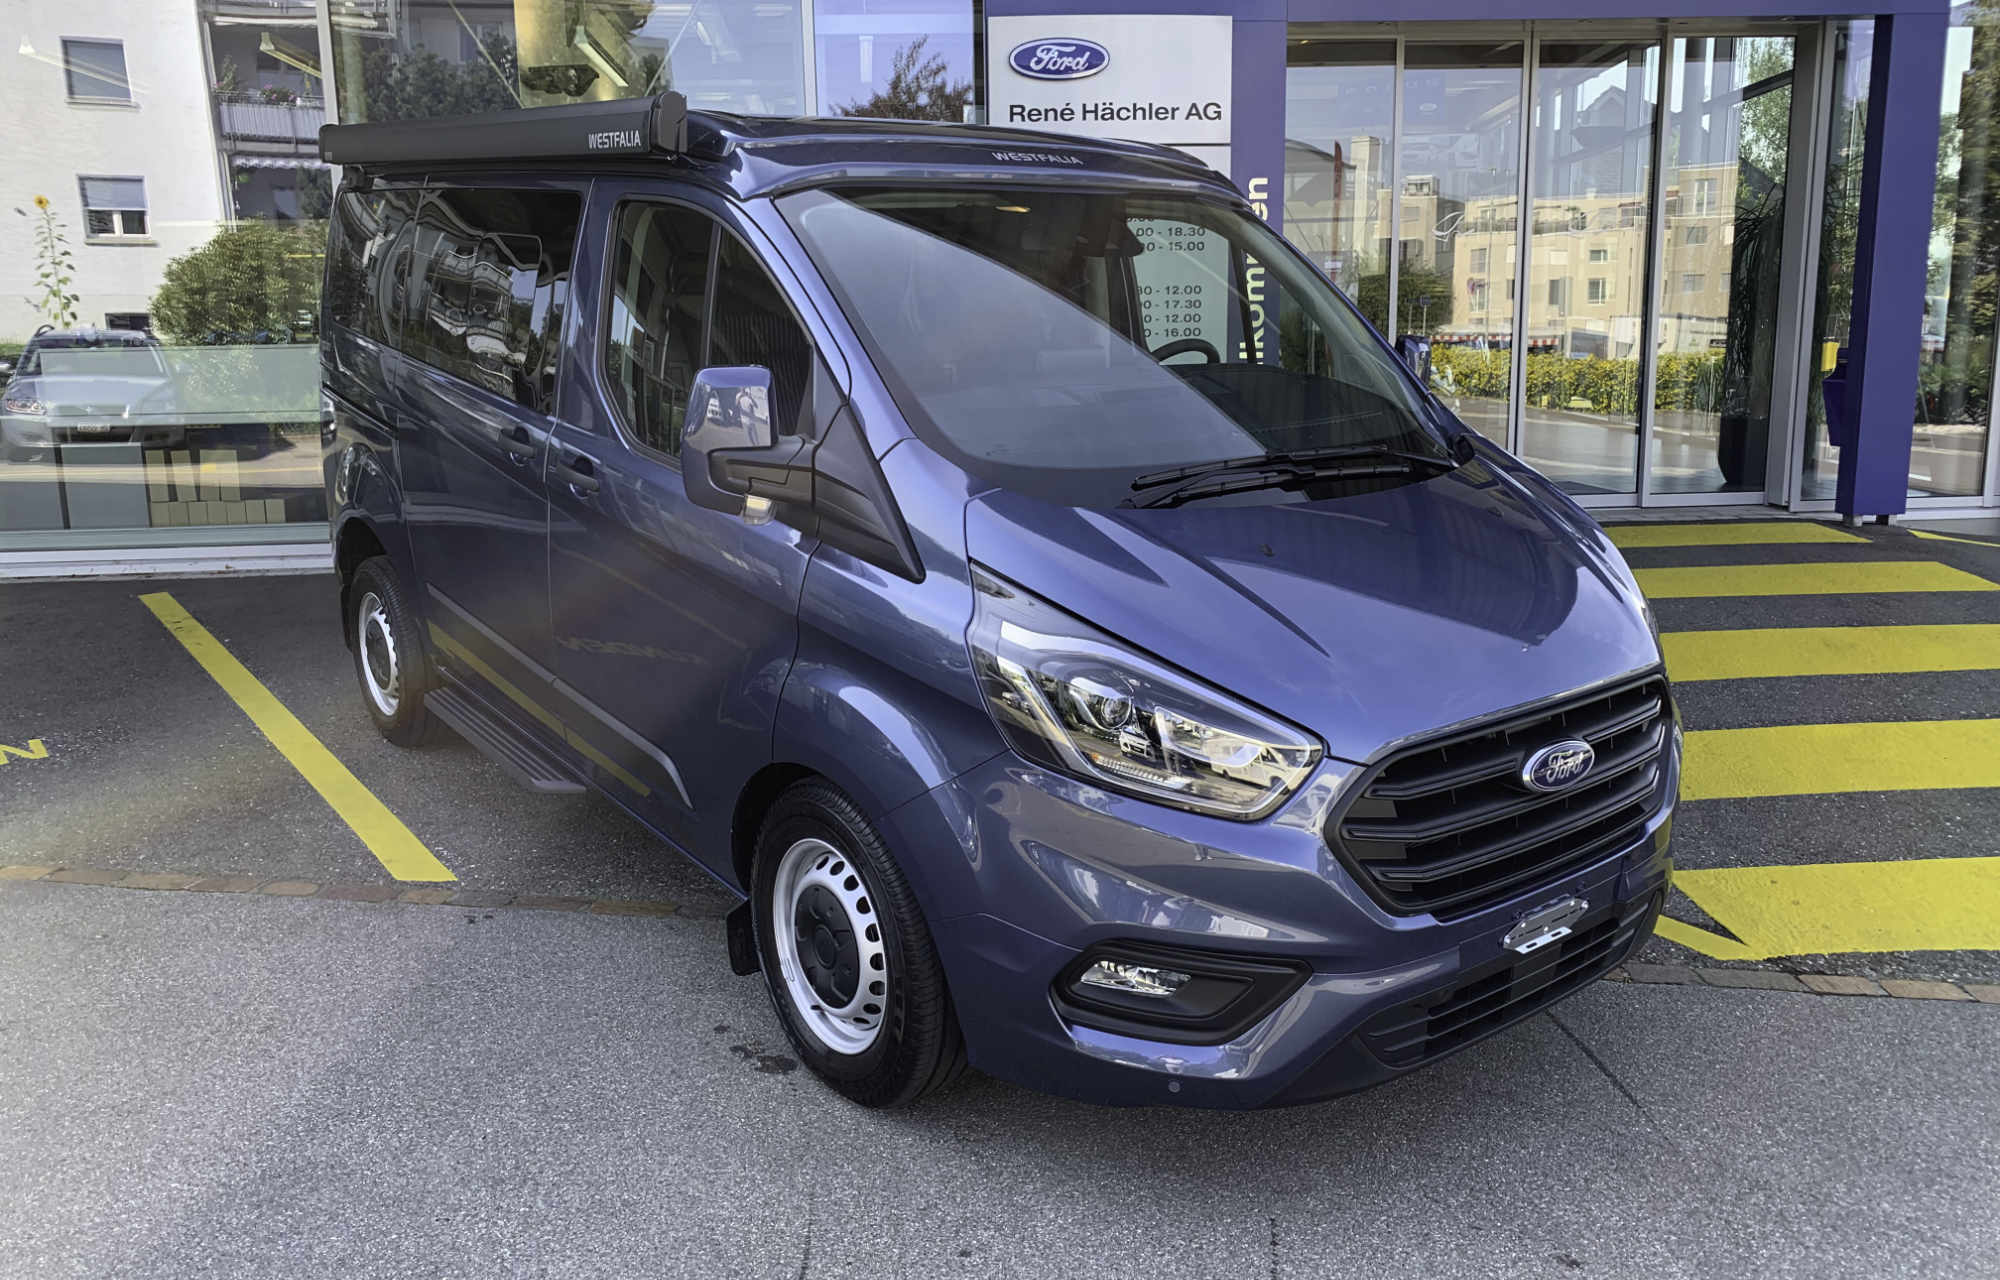 Vermietung des Ford Transit Custom Nugget durch die Rene Hächler AG in Obfelden